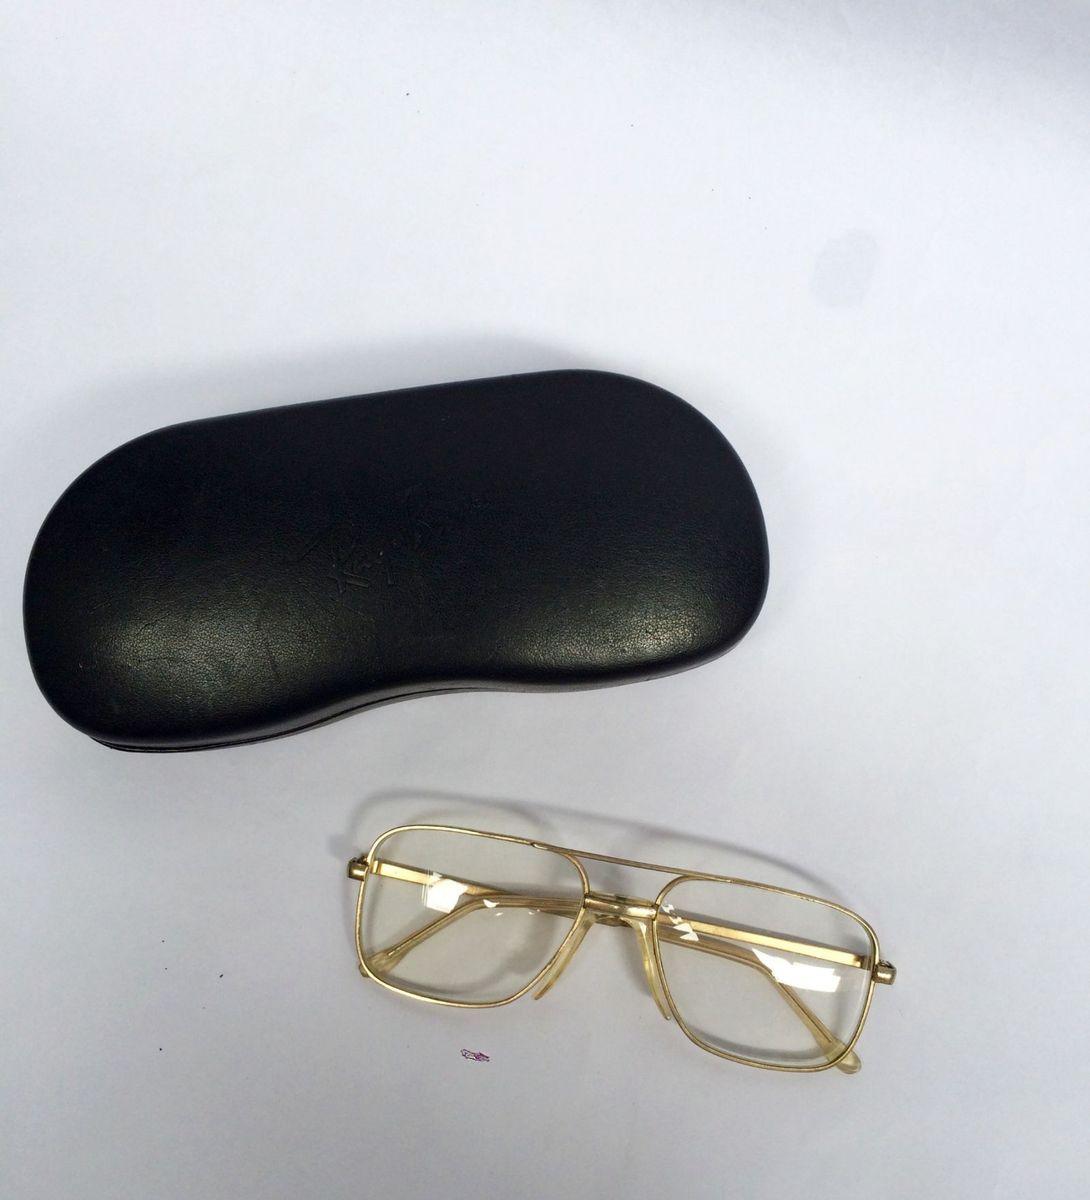 913da48e5 óculos antigo tiozão - óculos sem marca.  Czm6ly9wag90b3muzw5qb2vplmnvbs5ici9wcm9kdwn0cy82mzk4odkvnzcxmthjyzkxnwiwn2jjngewntmynmvlmjazm2e0zwiuanbn